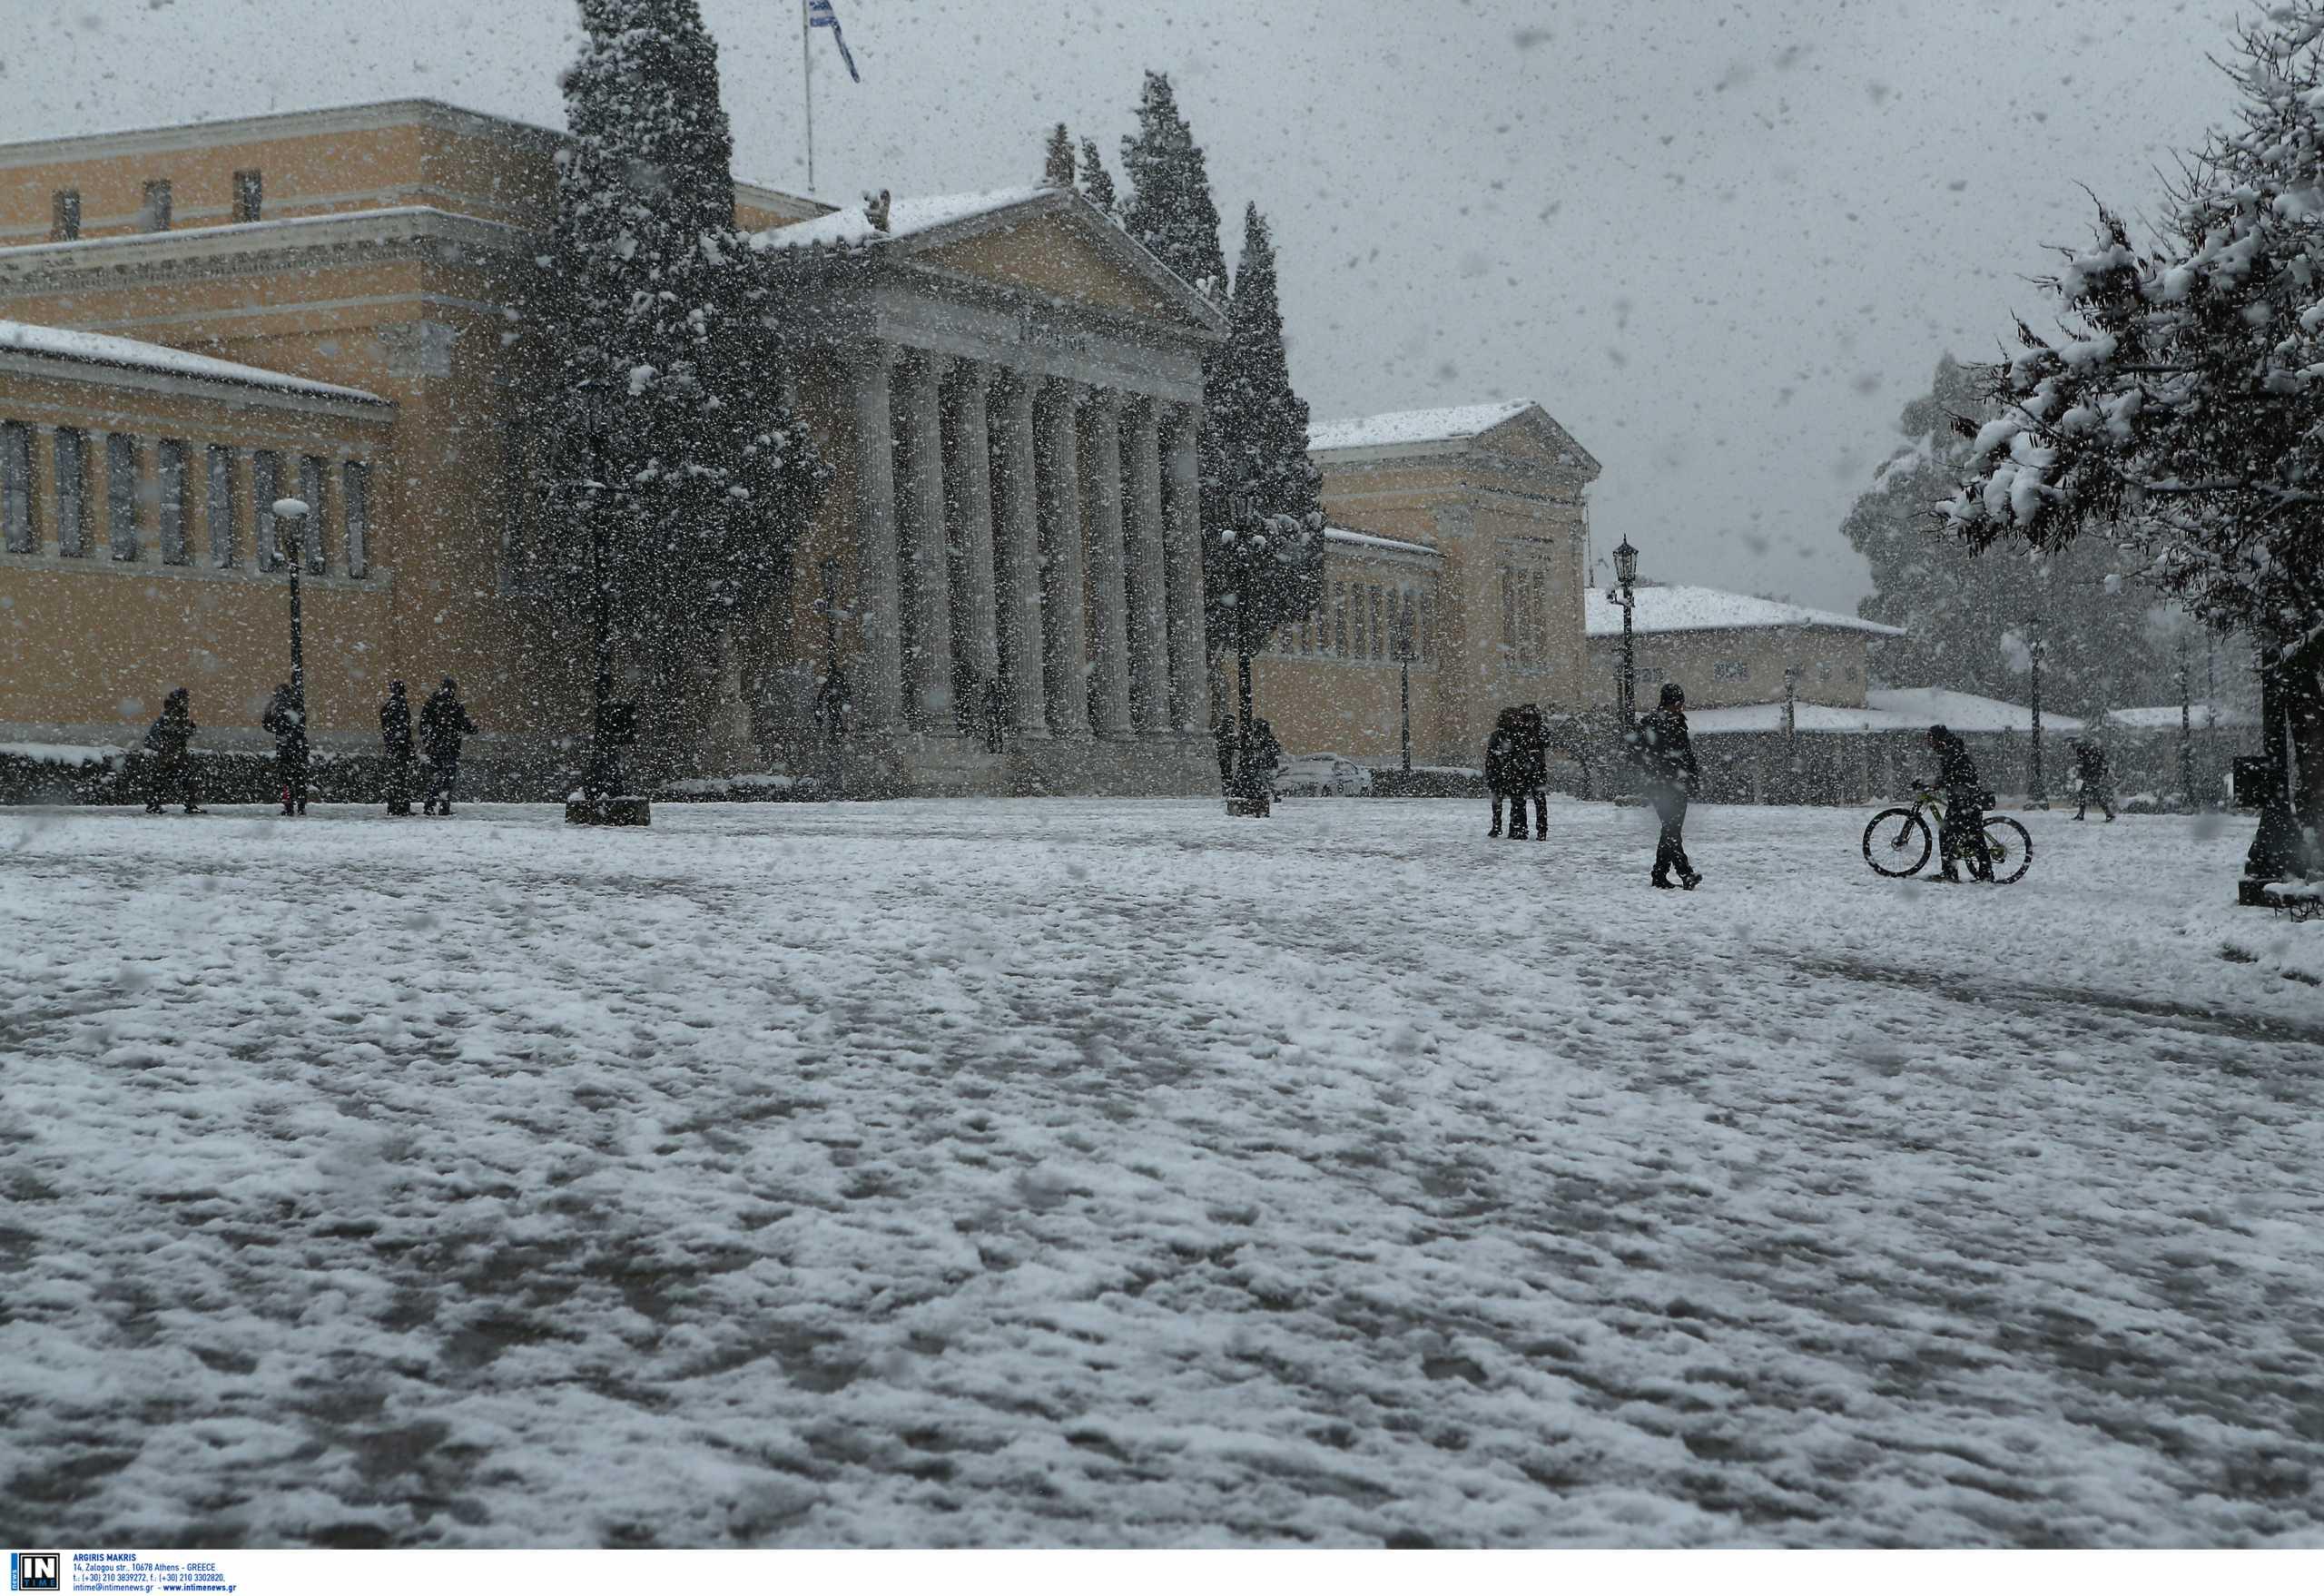 Καιρός – Αθήνα: Το κατάλευκο τοπίο από τη χιονισμένη πρωτεύουσα μαγεύει τους ξένους πρέσβεις